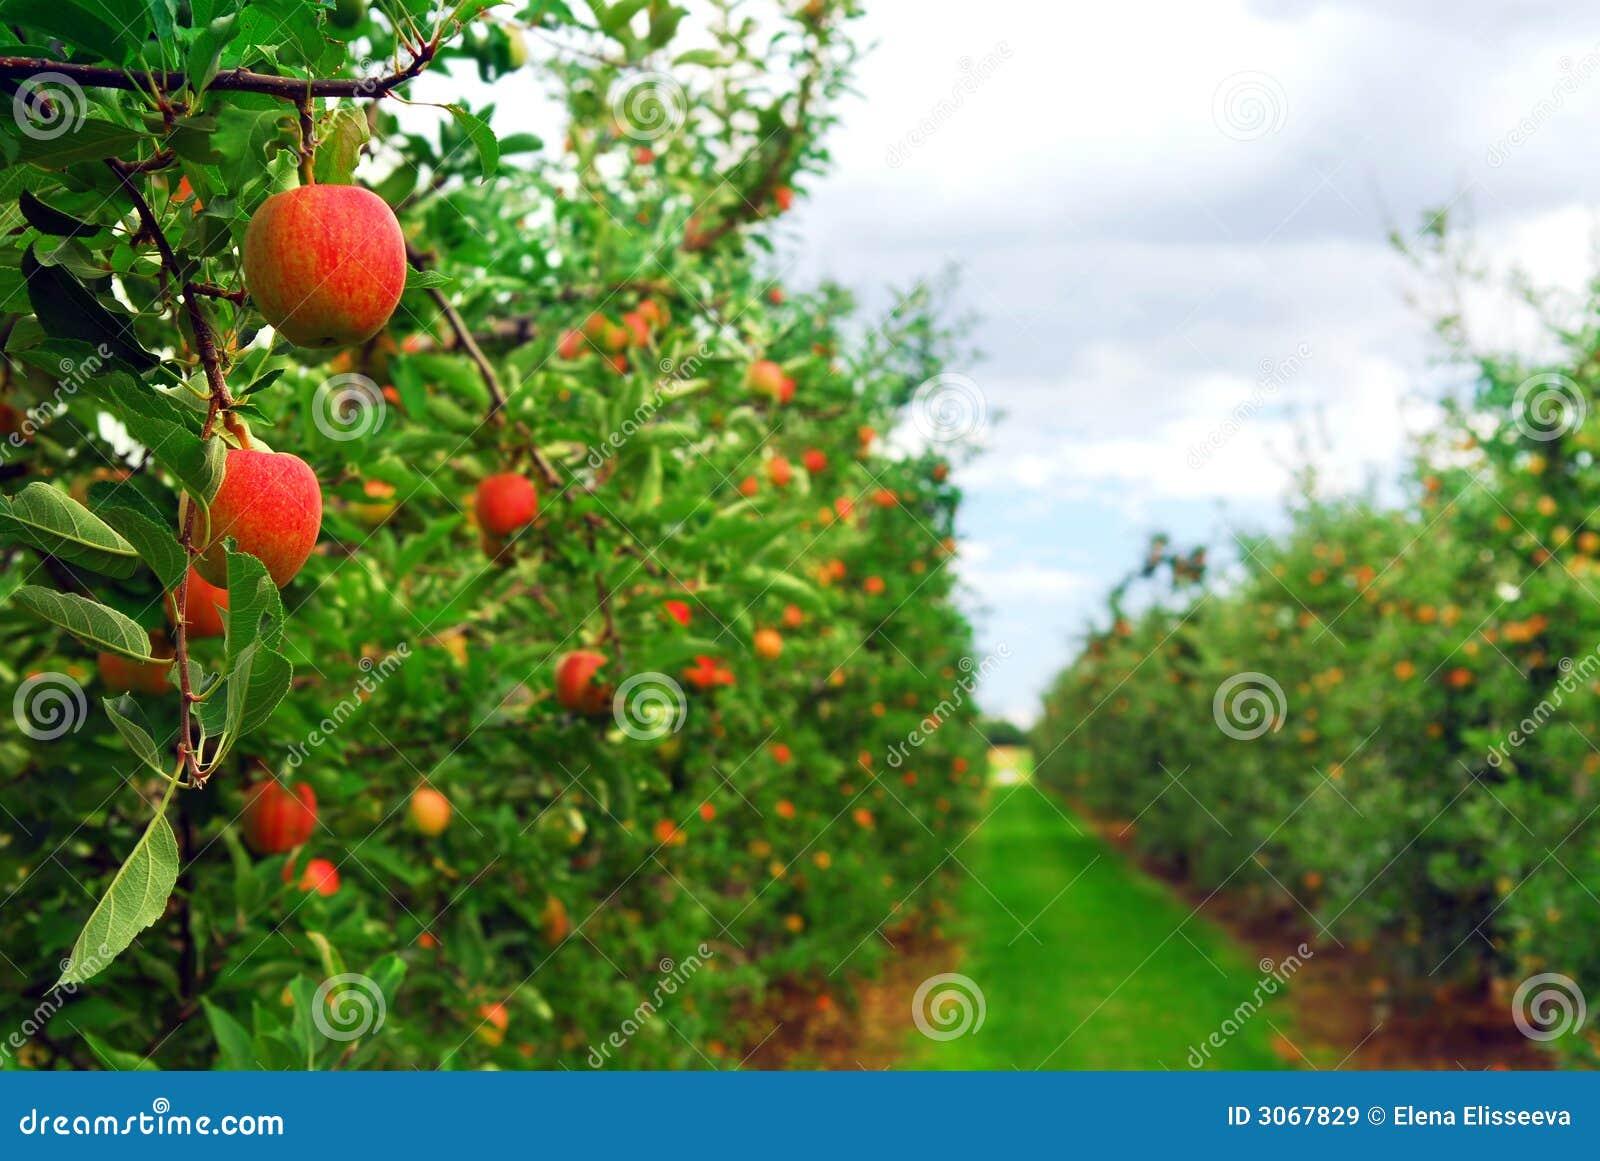 οπωρώνας μήλων